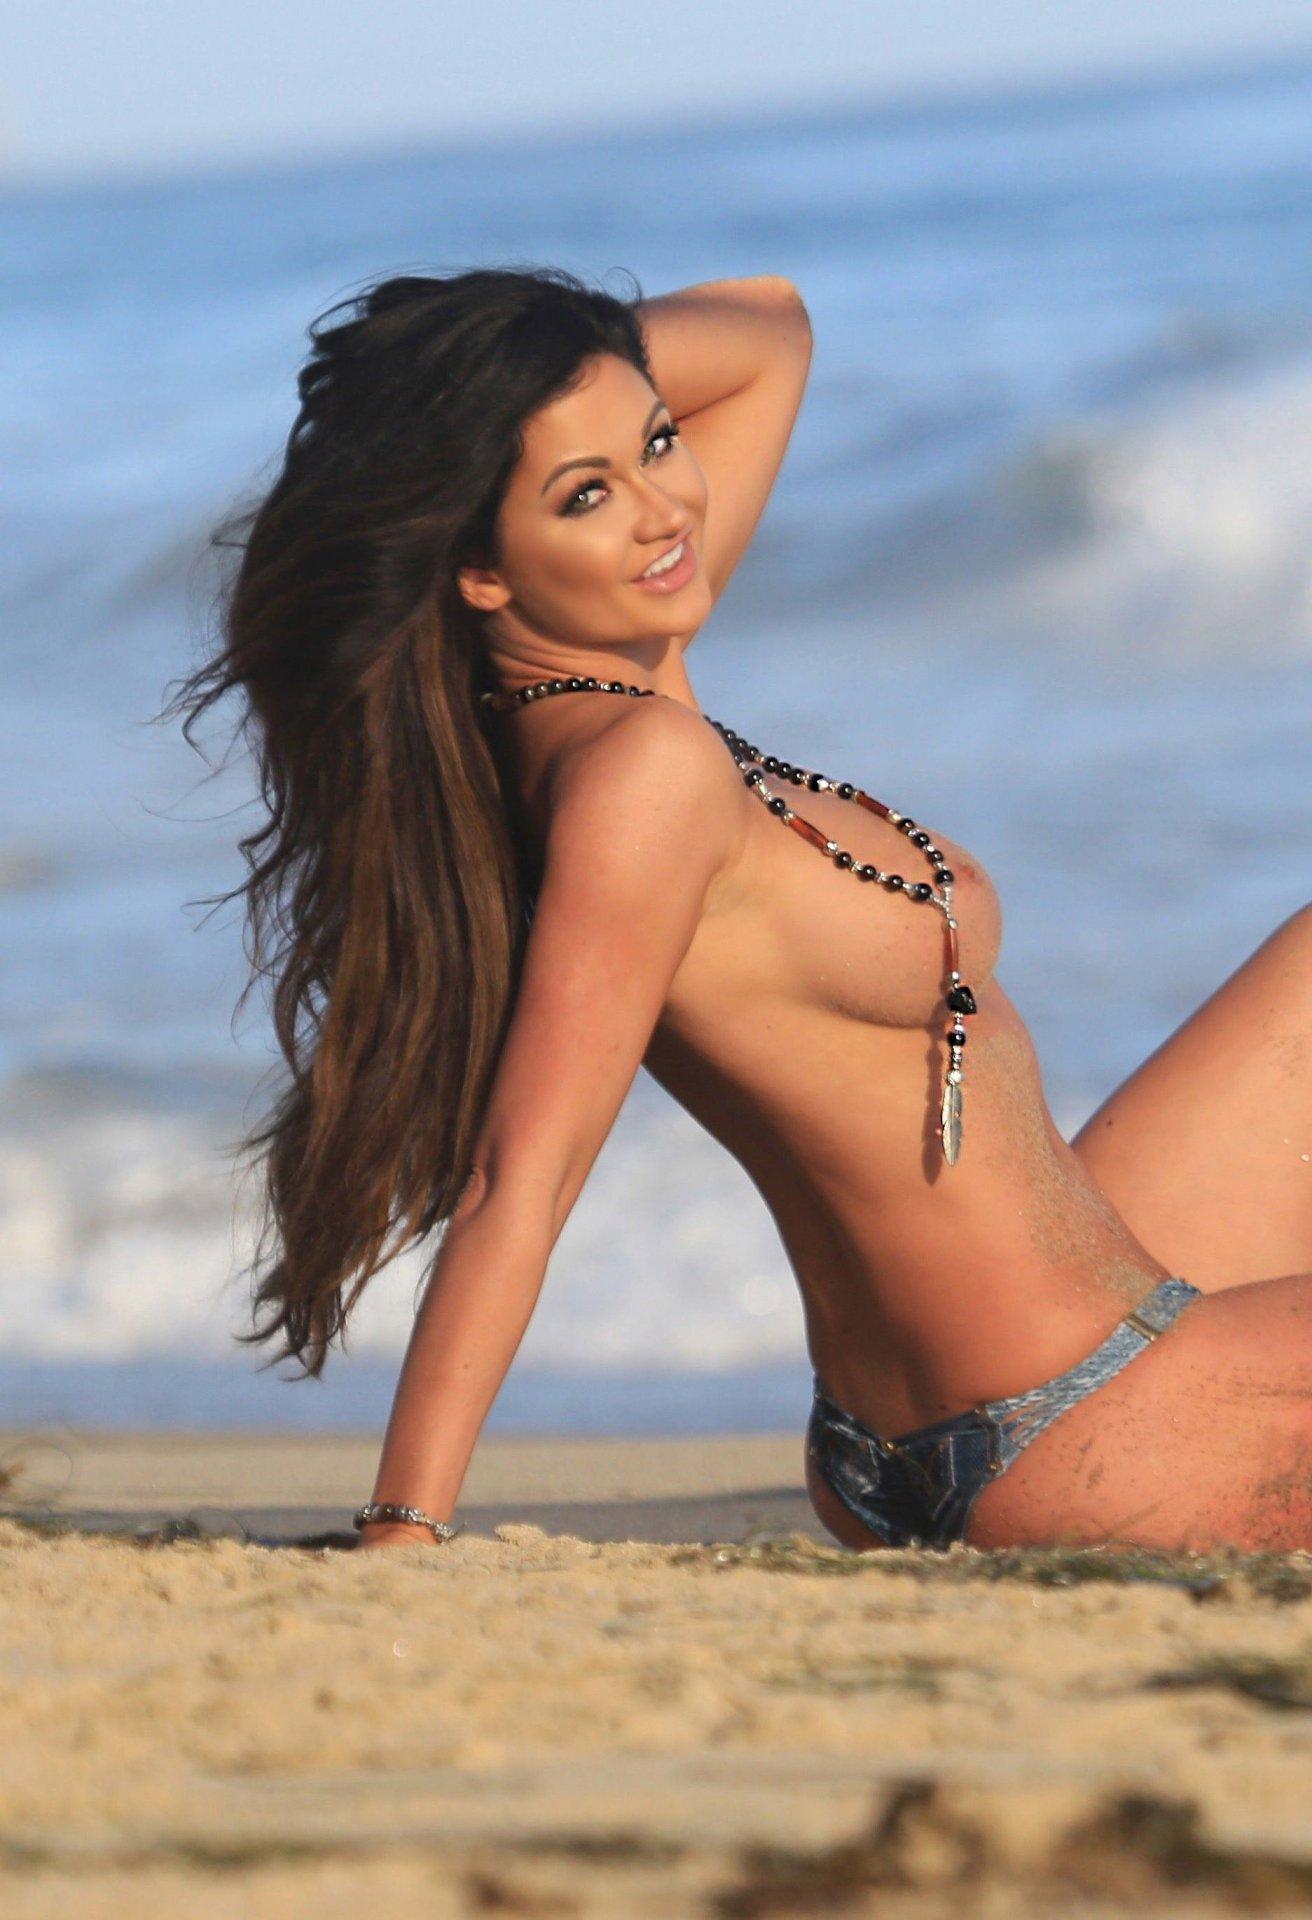 Naked photoshoot on beach